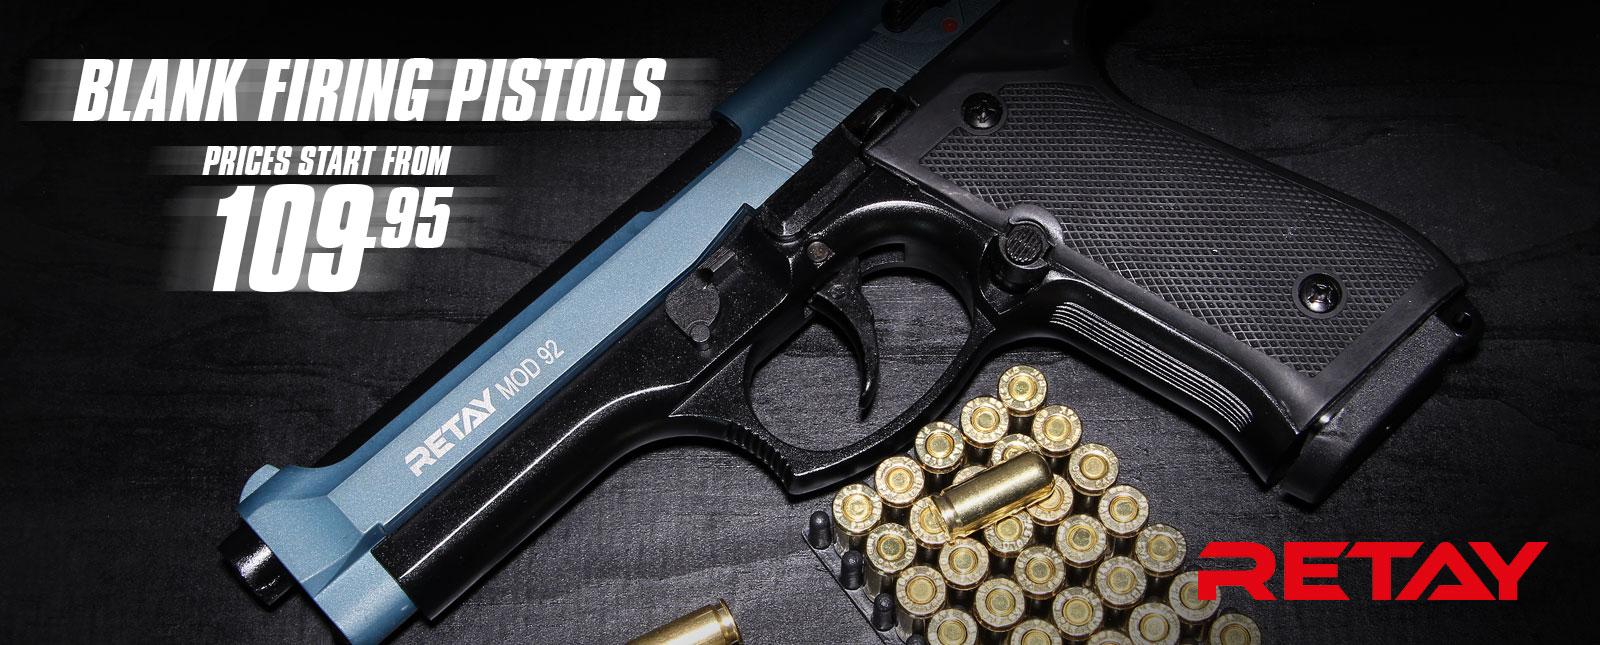 Retay Blank Firing Pistols